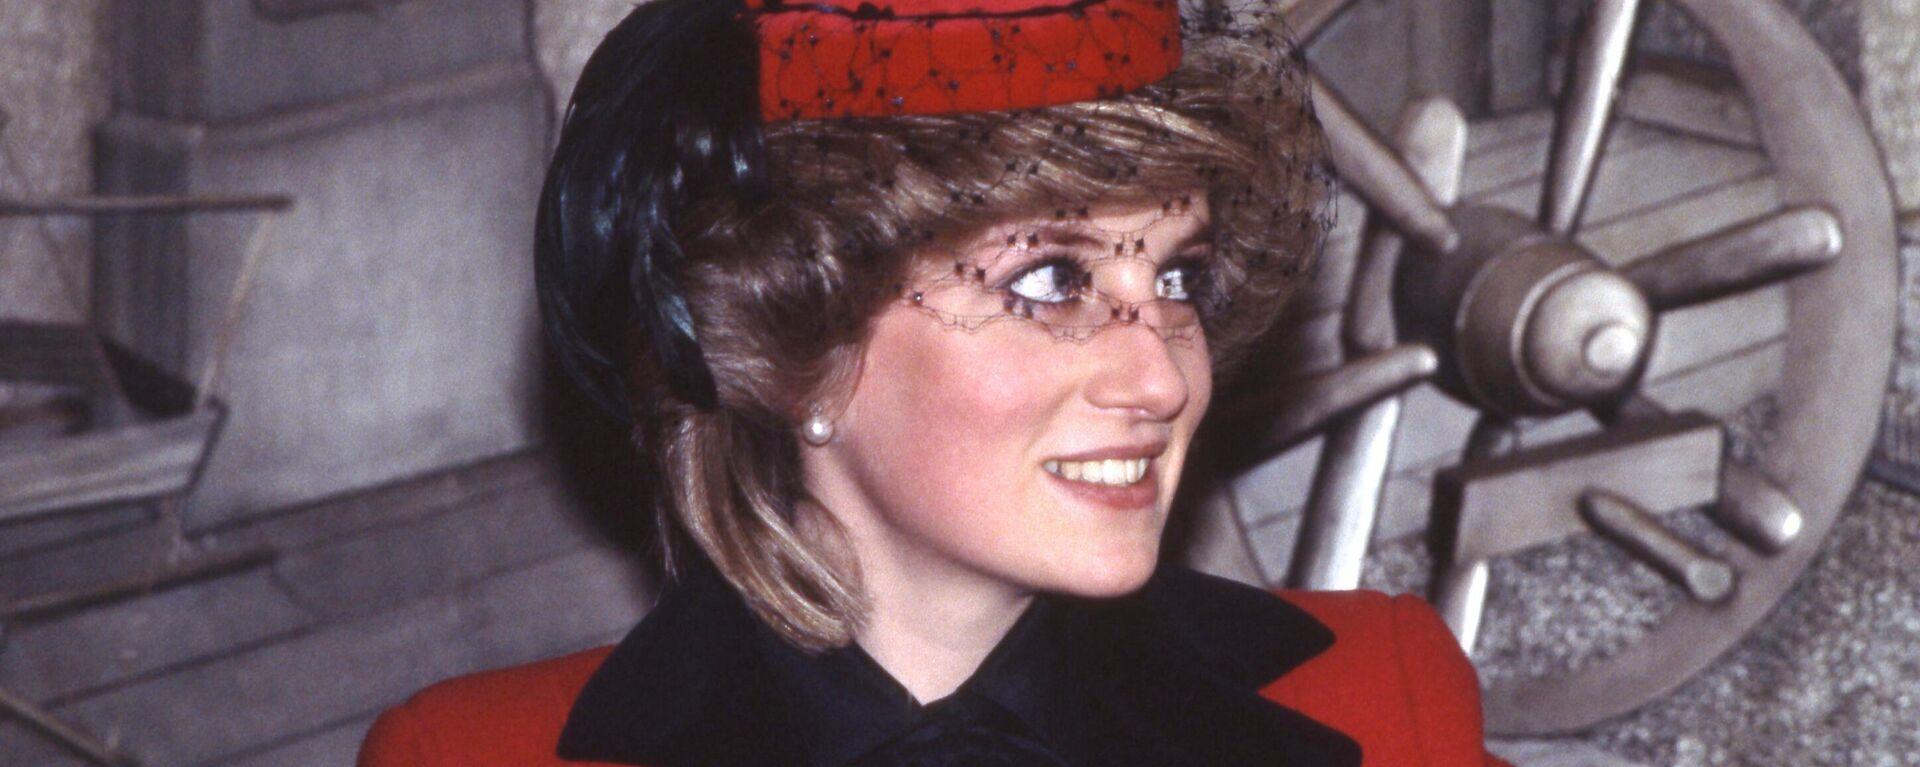 La princesa Diana en 1984 - Sputnik Mundo, 1920, 01.07.2021